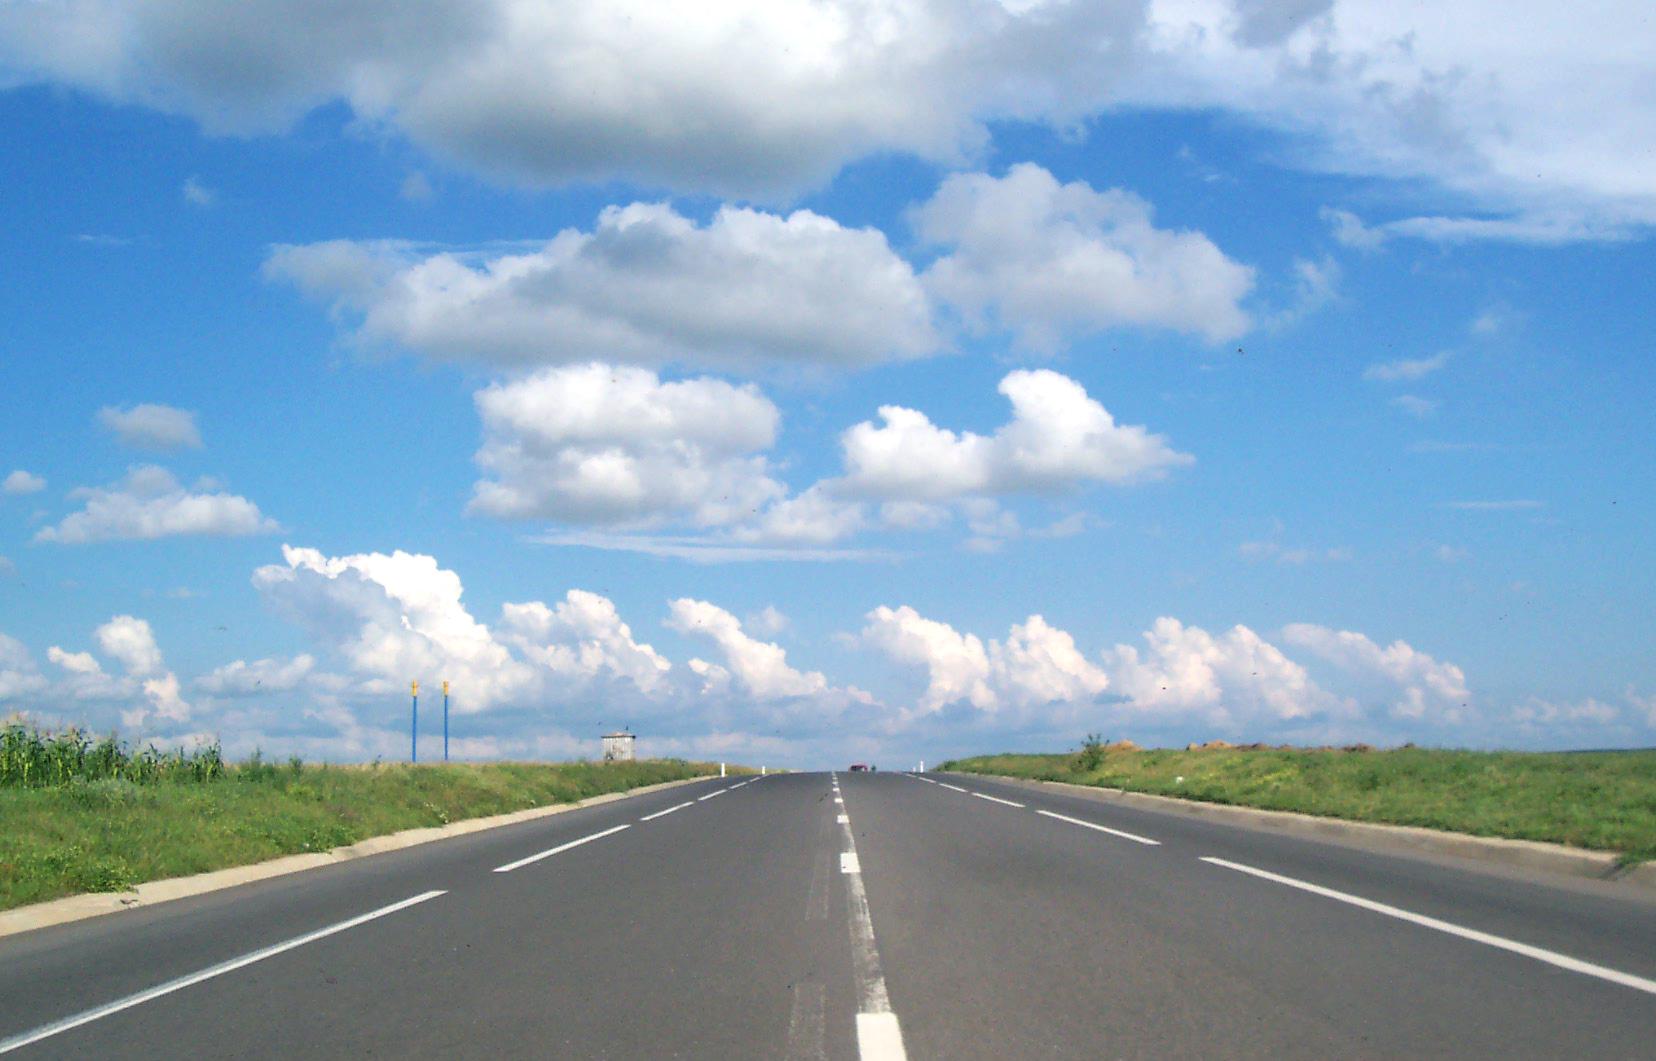 Carretera-vacia